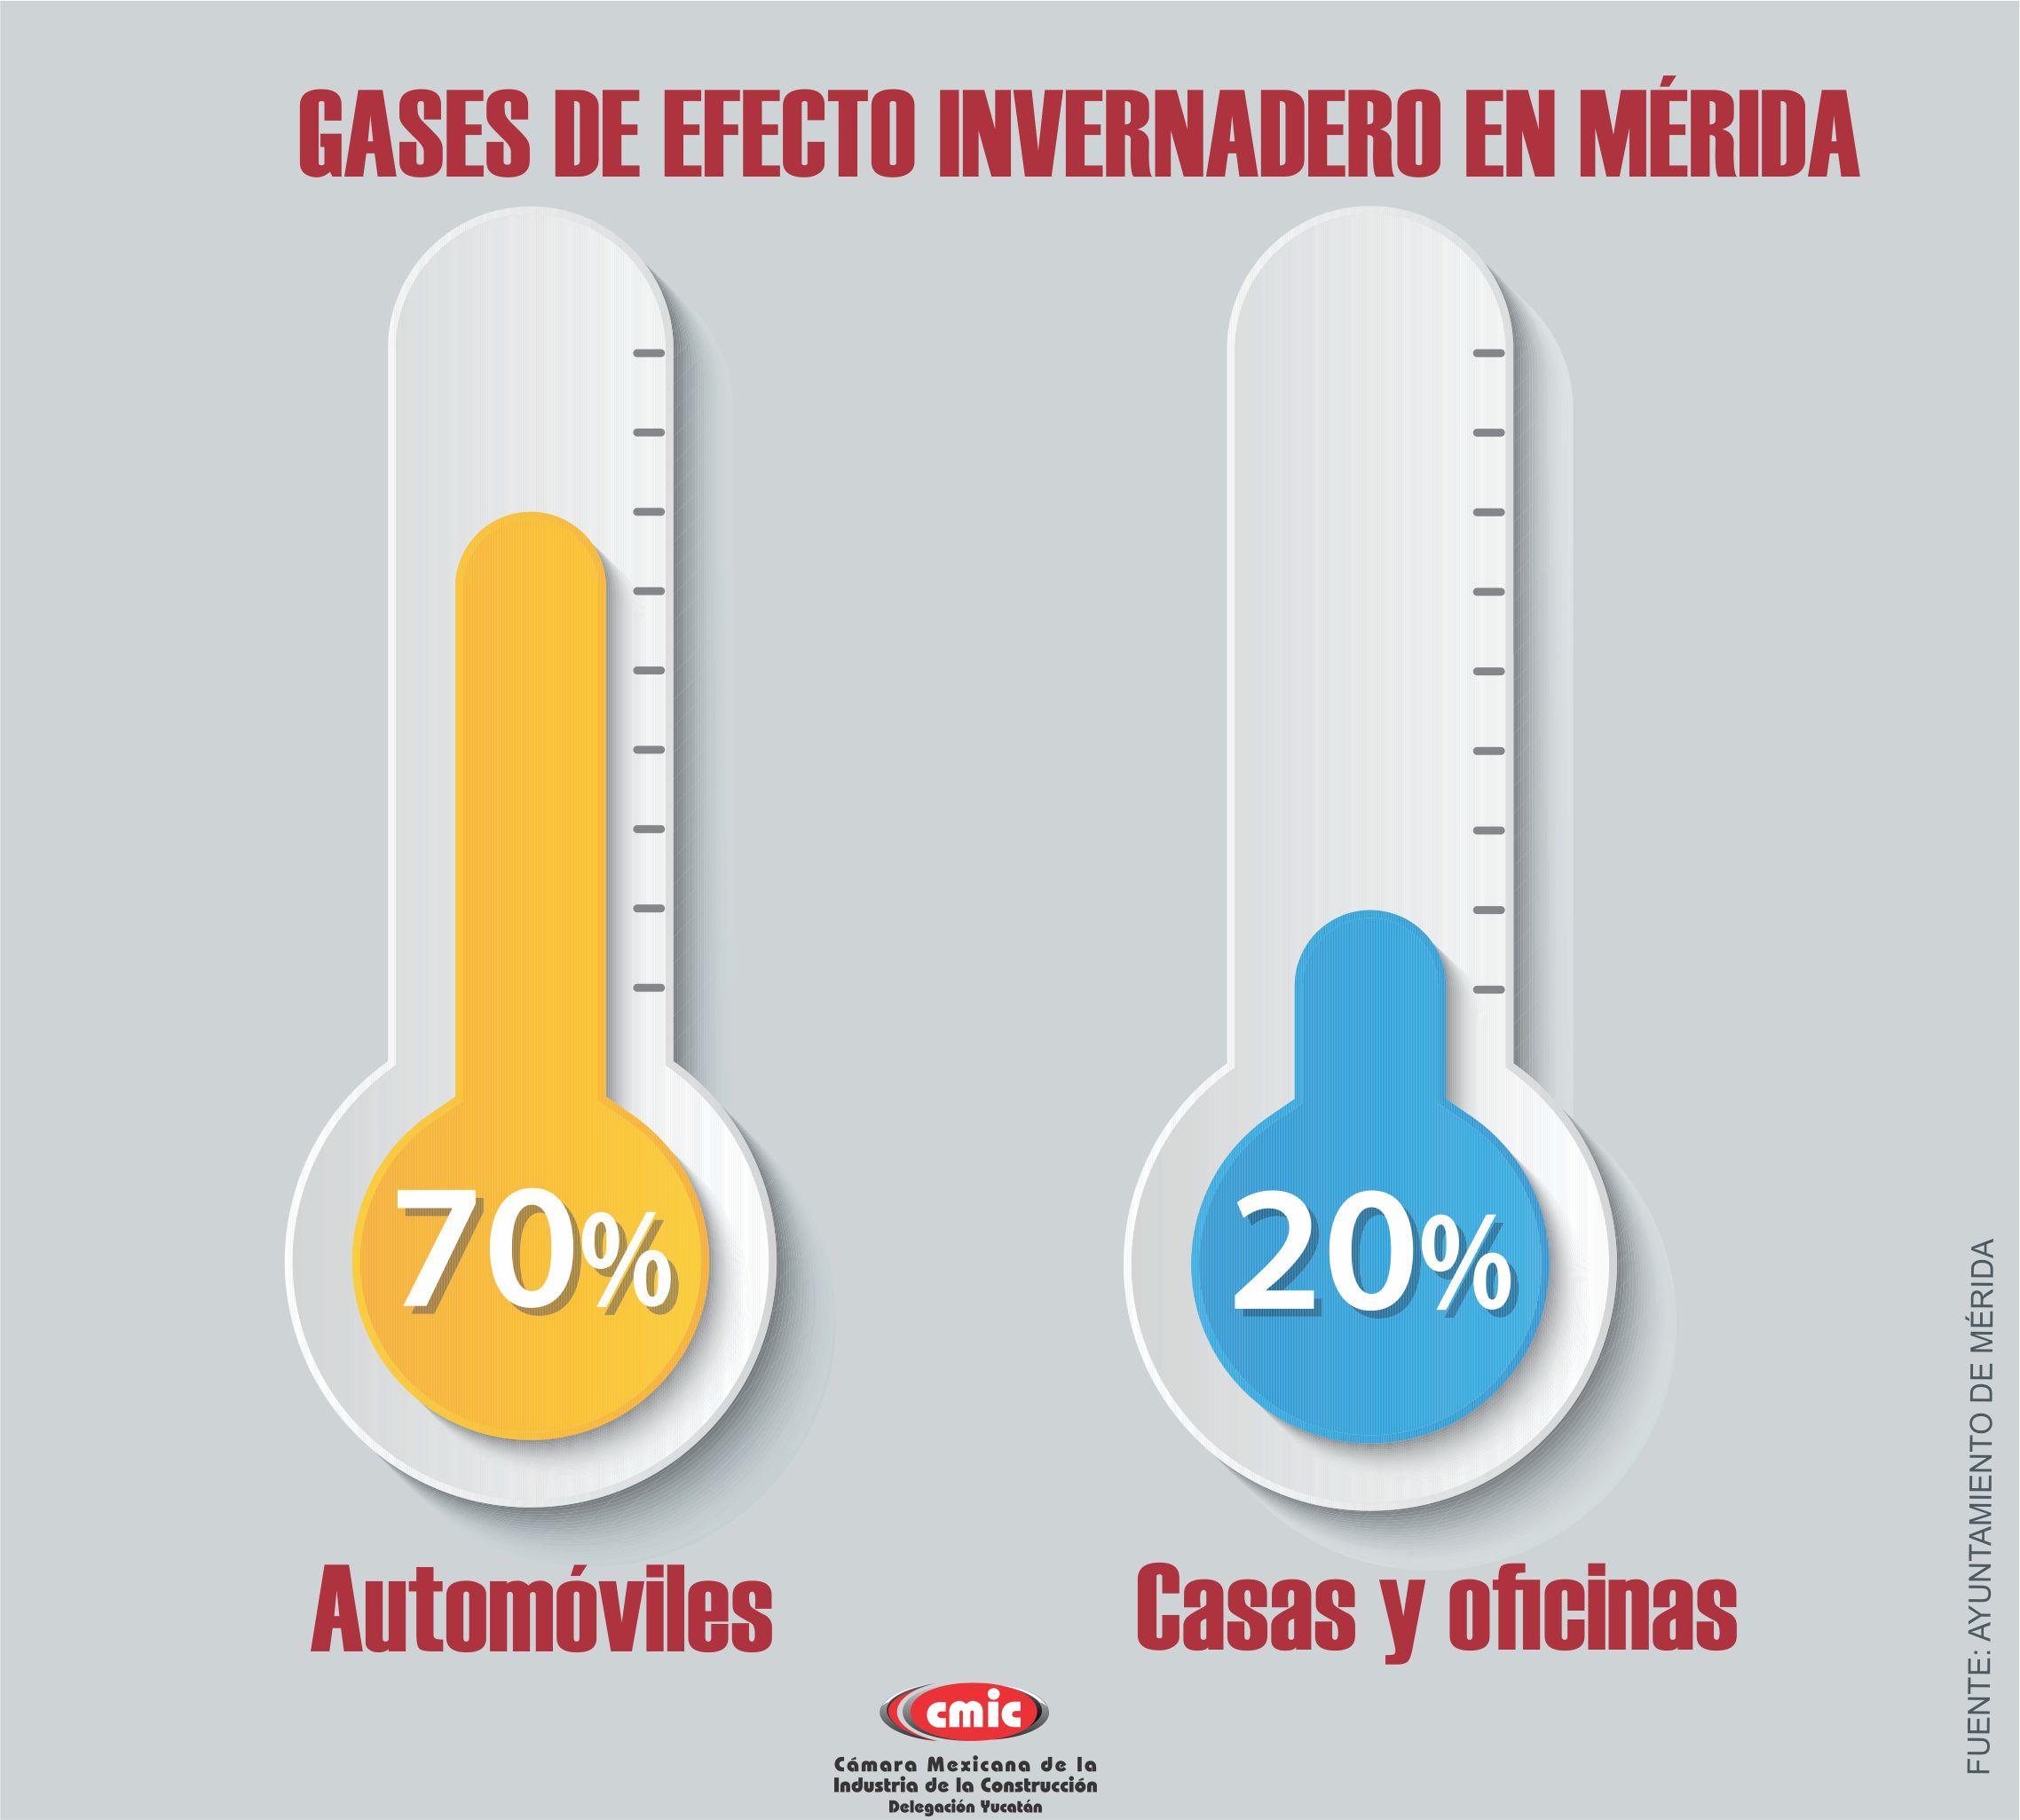 efecto invernadero Mérida